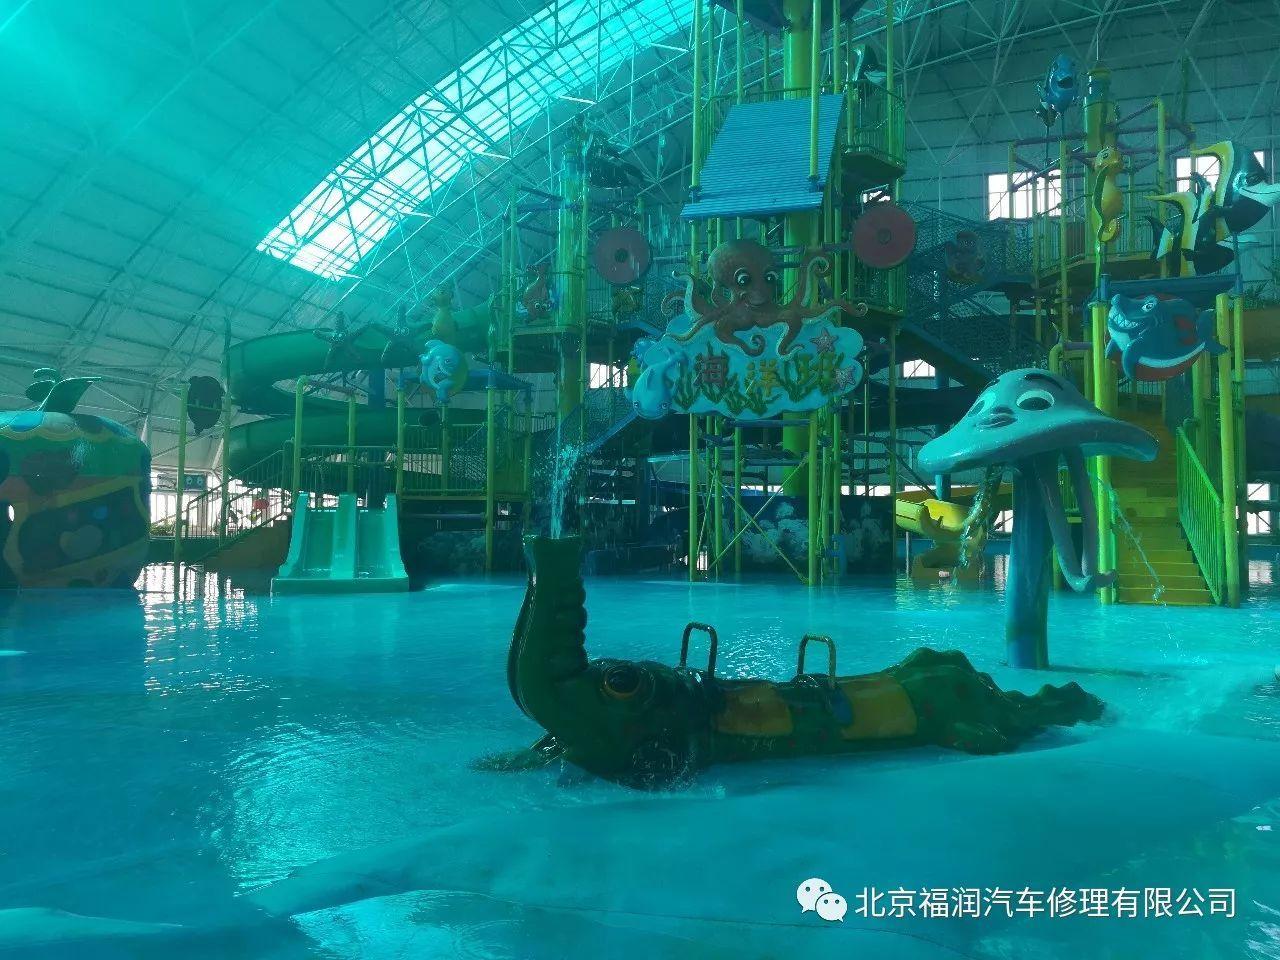 8月11日阳原要举办泼水节啦!!_手机搜狐网